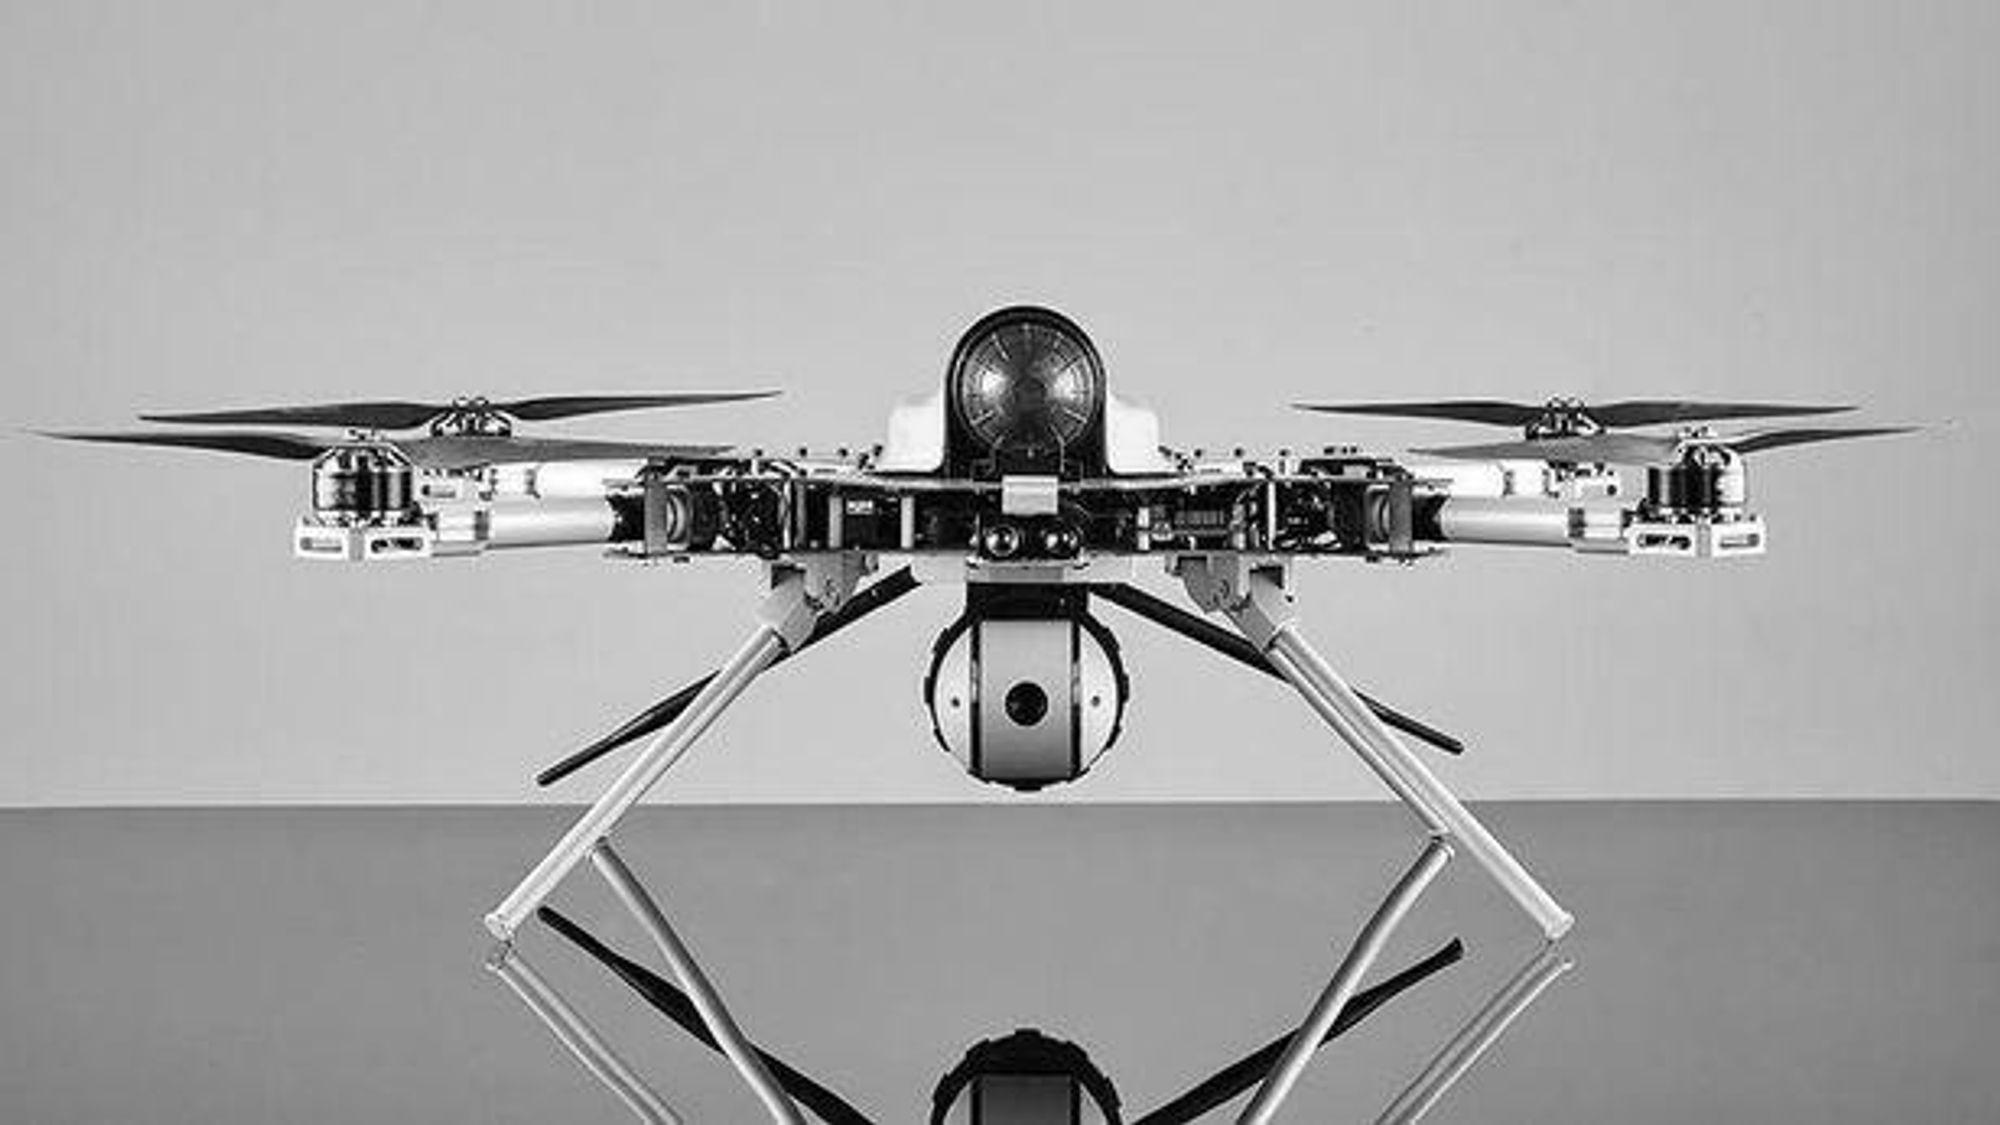 Kargu 2-dronen bruker kameraer og kunstig intelligens til å identifisere sine mål.